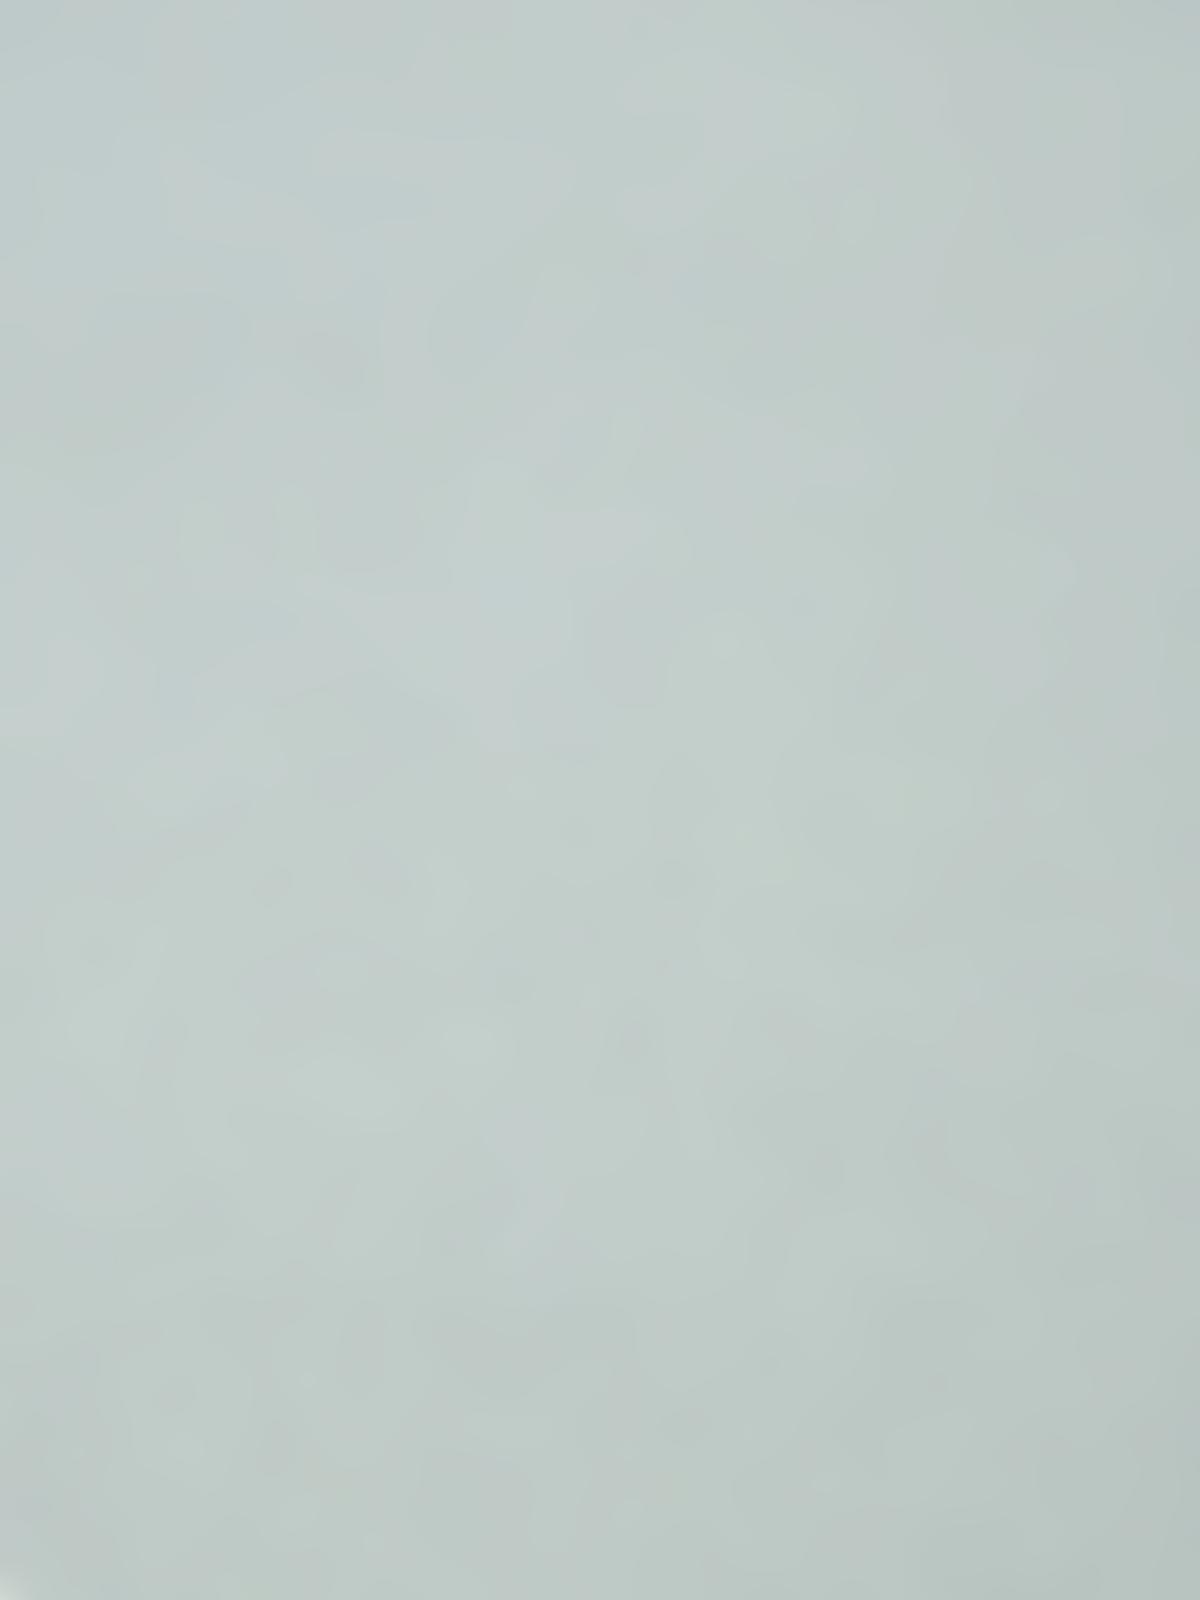 Mi-teintes Tinted Paper Sky Blue 19 In. X 25 In.